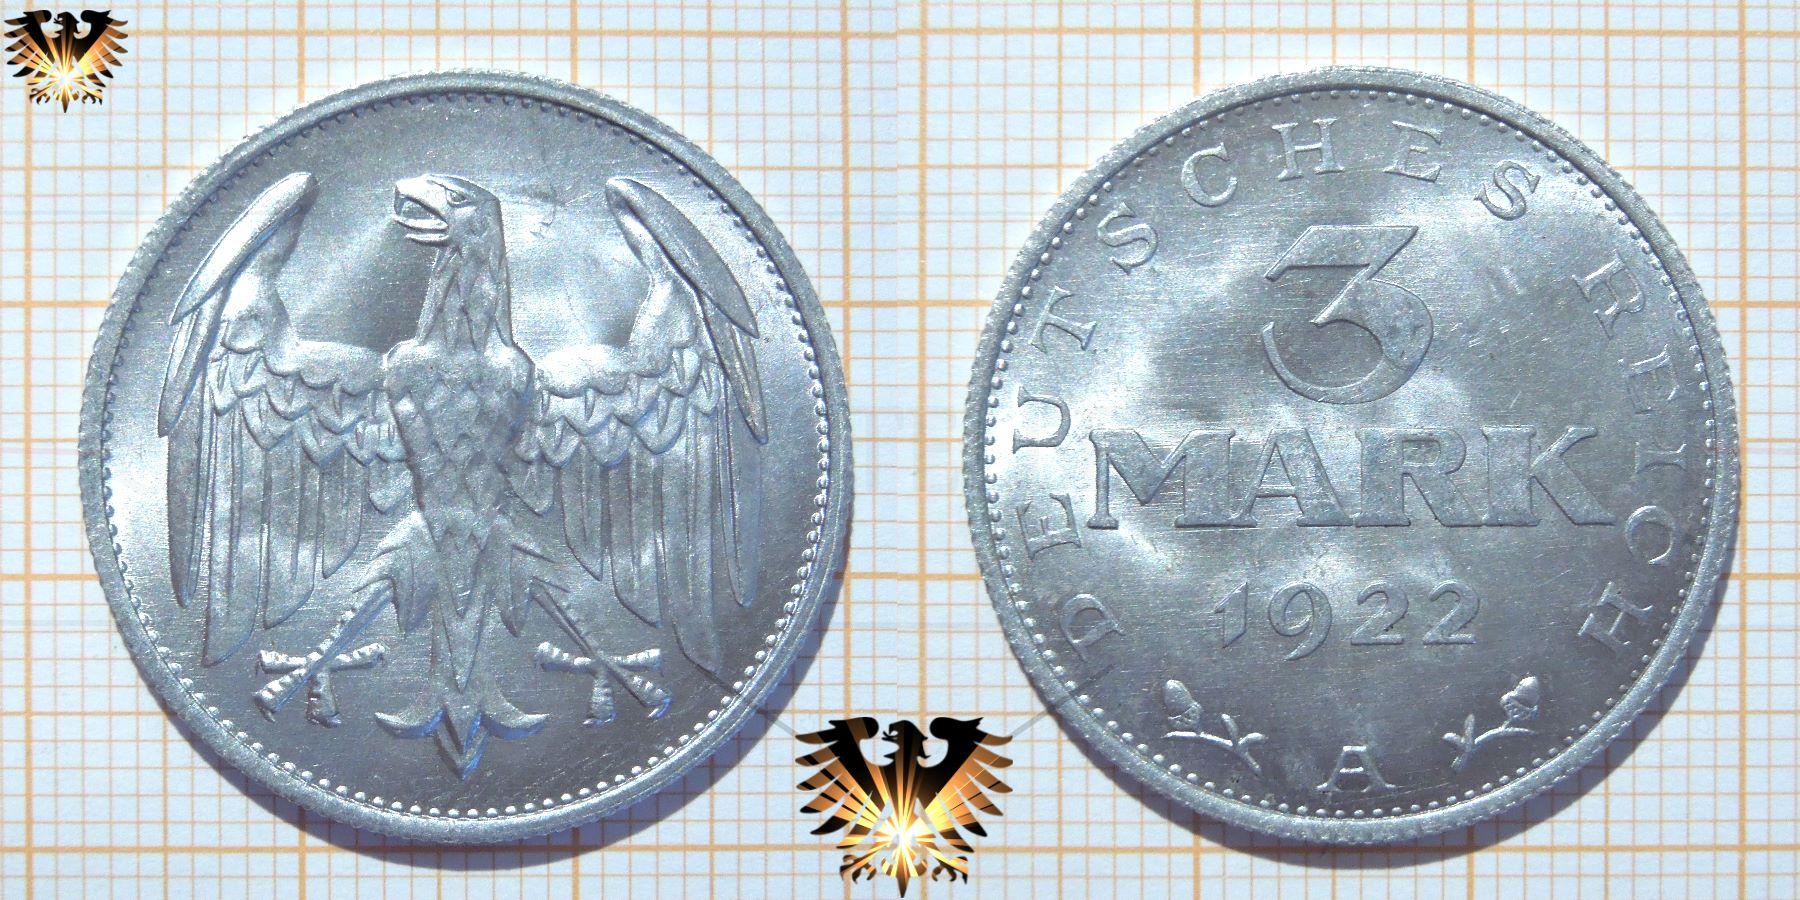 200 Mark 1923 Deutsches Reich Ersatzgeld Inflations Münzen